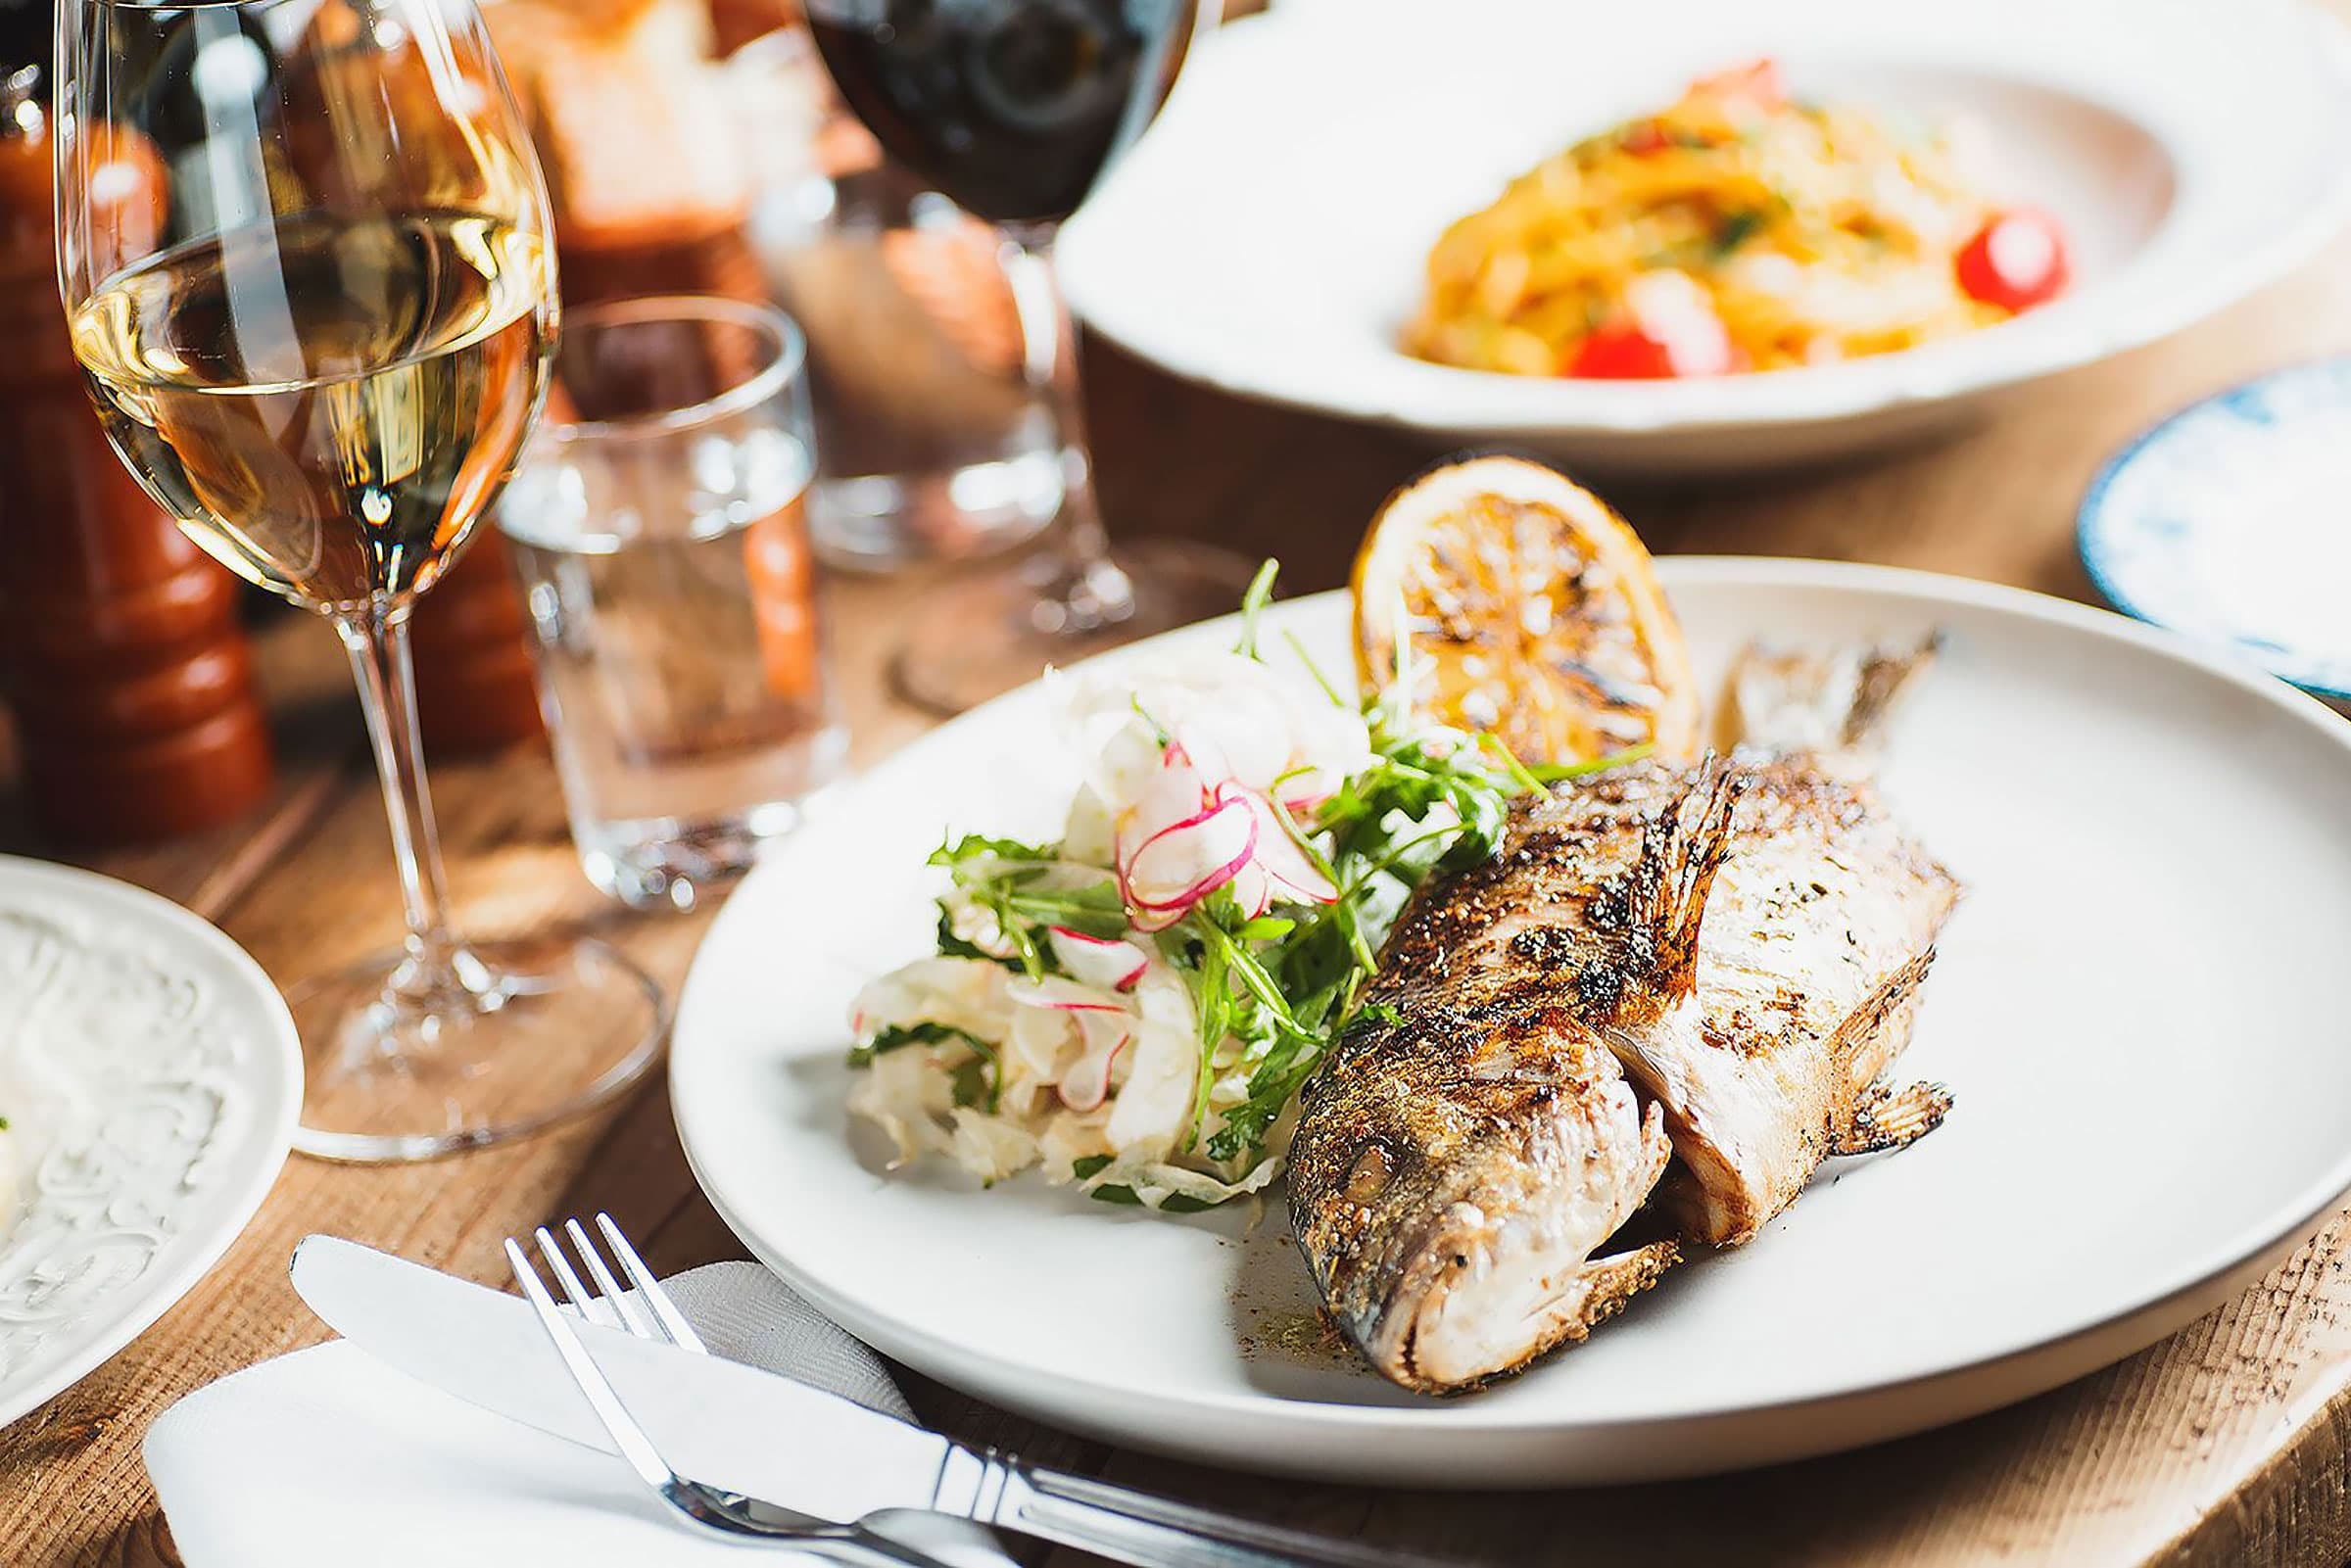 fisk skaldjur restaurang göteborg